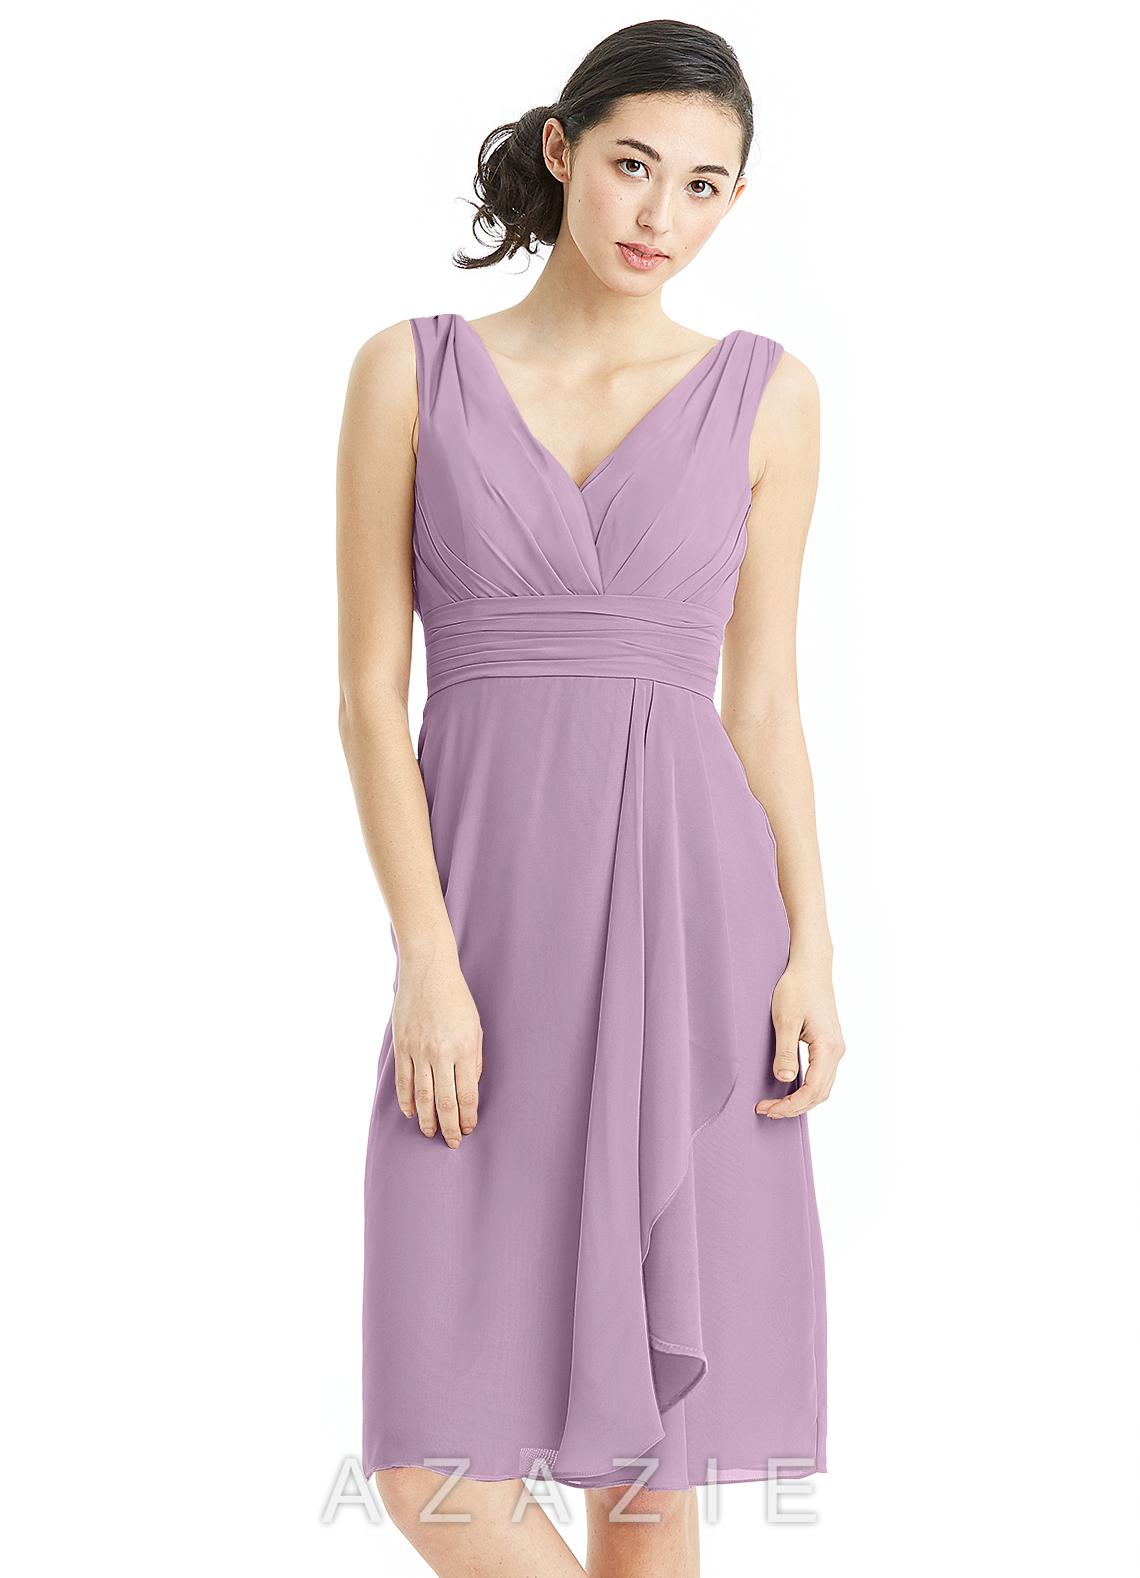 c228d4b2bbad9 Azazie Iliana Bridesmaid Dress | Azazie